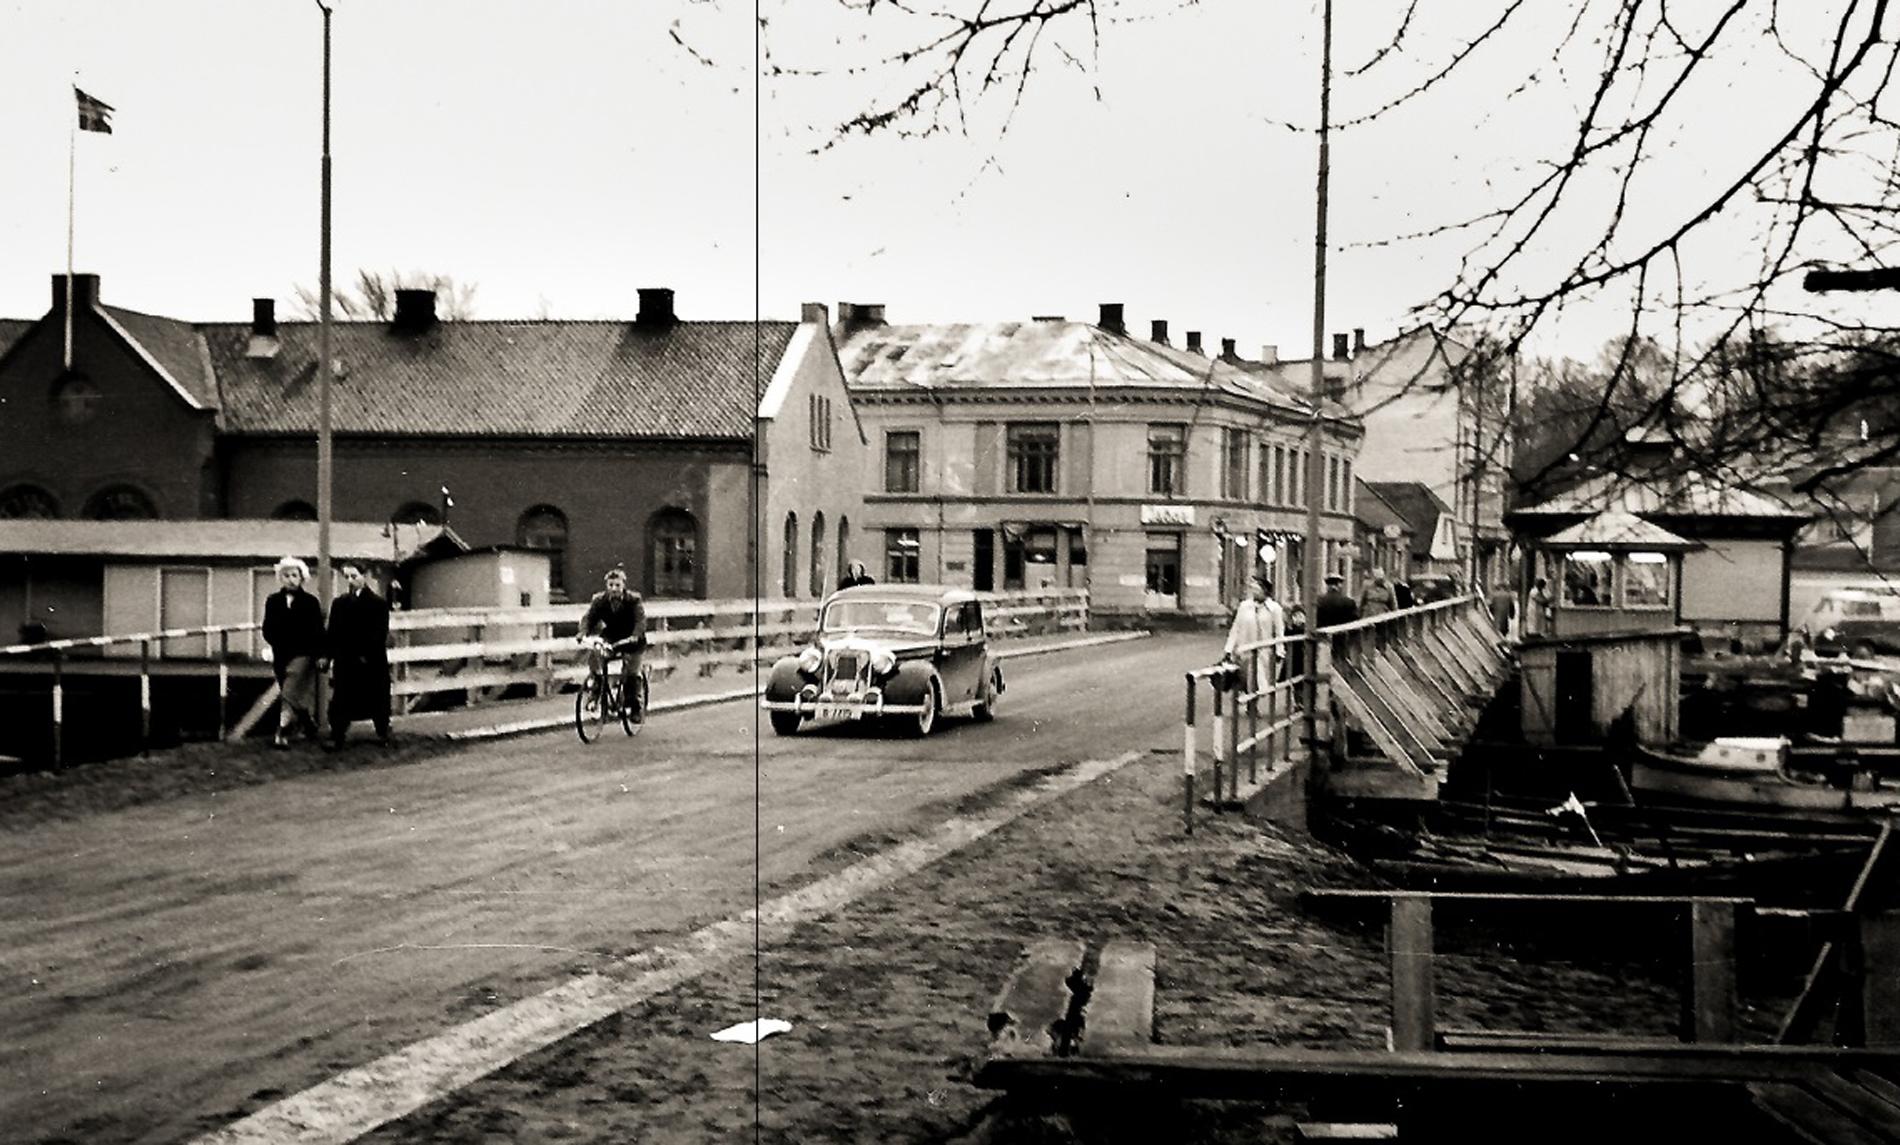 Sort hvit fotografi av en bro med mennesker og en bil